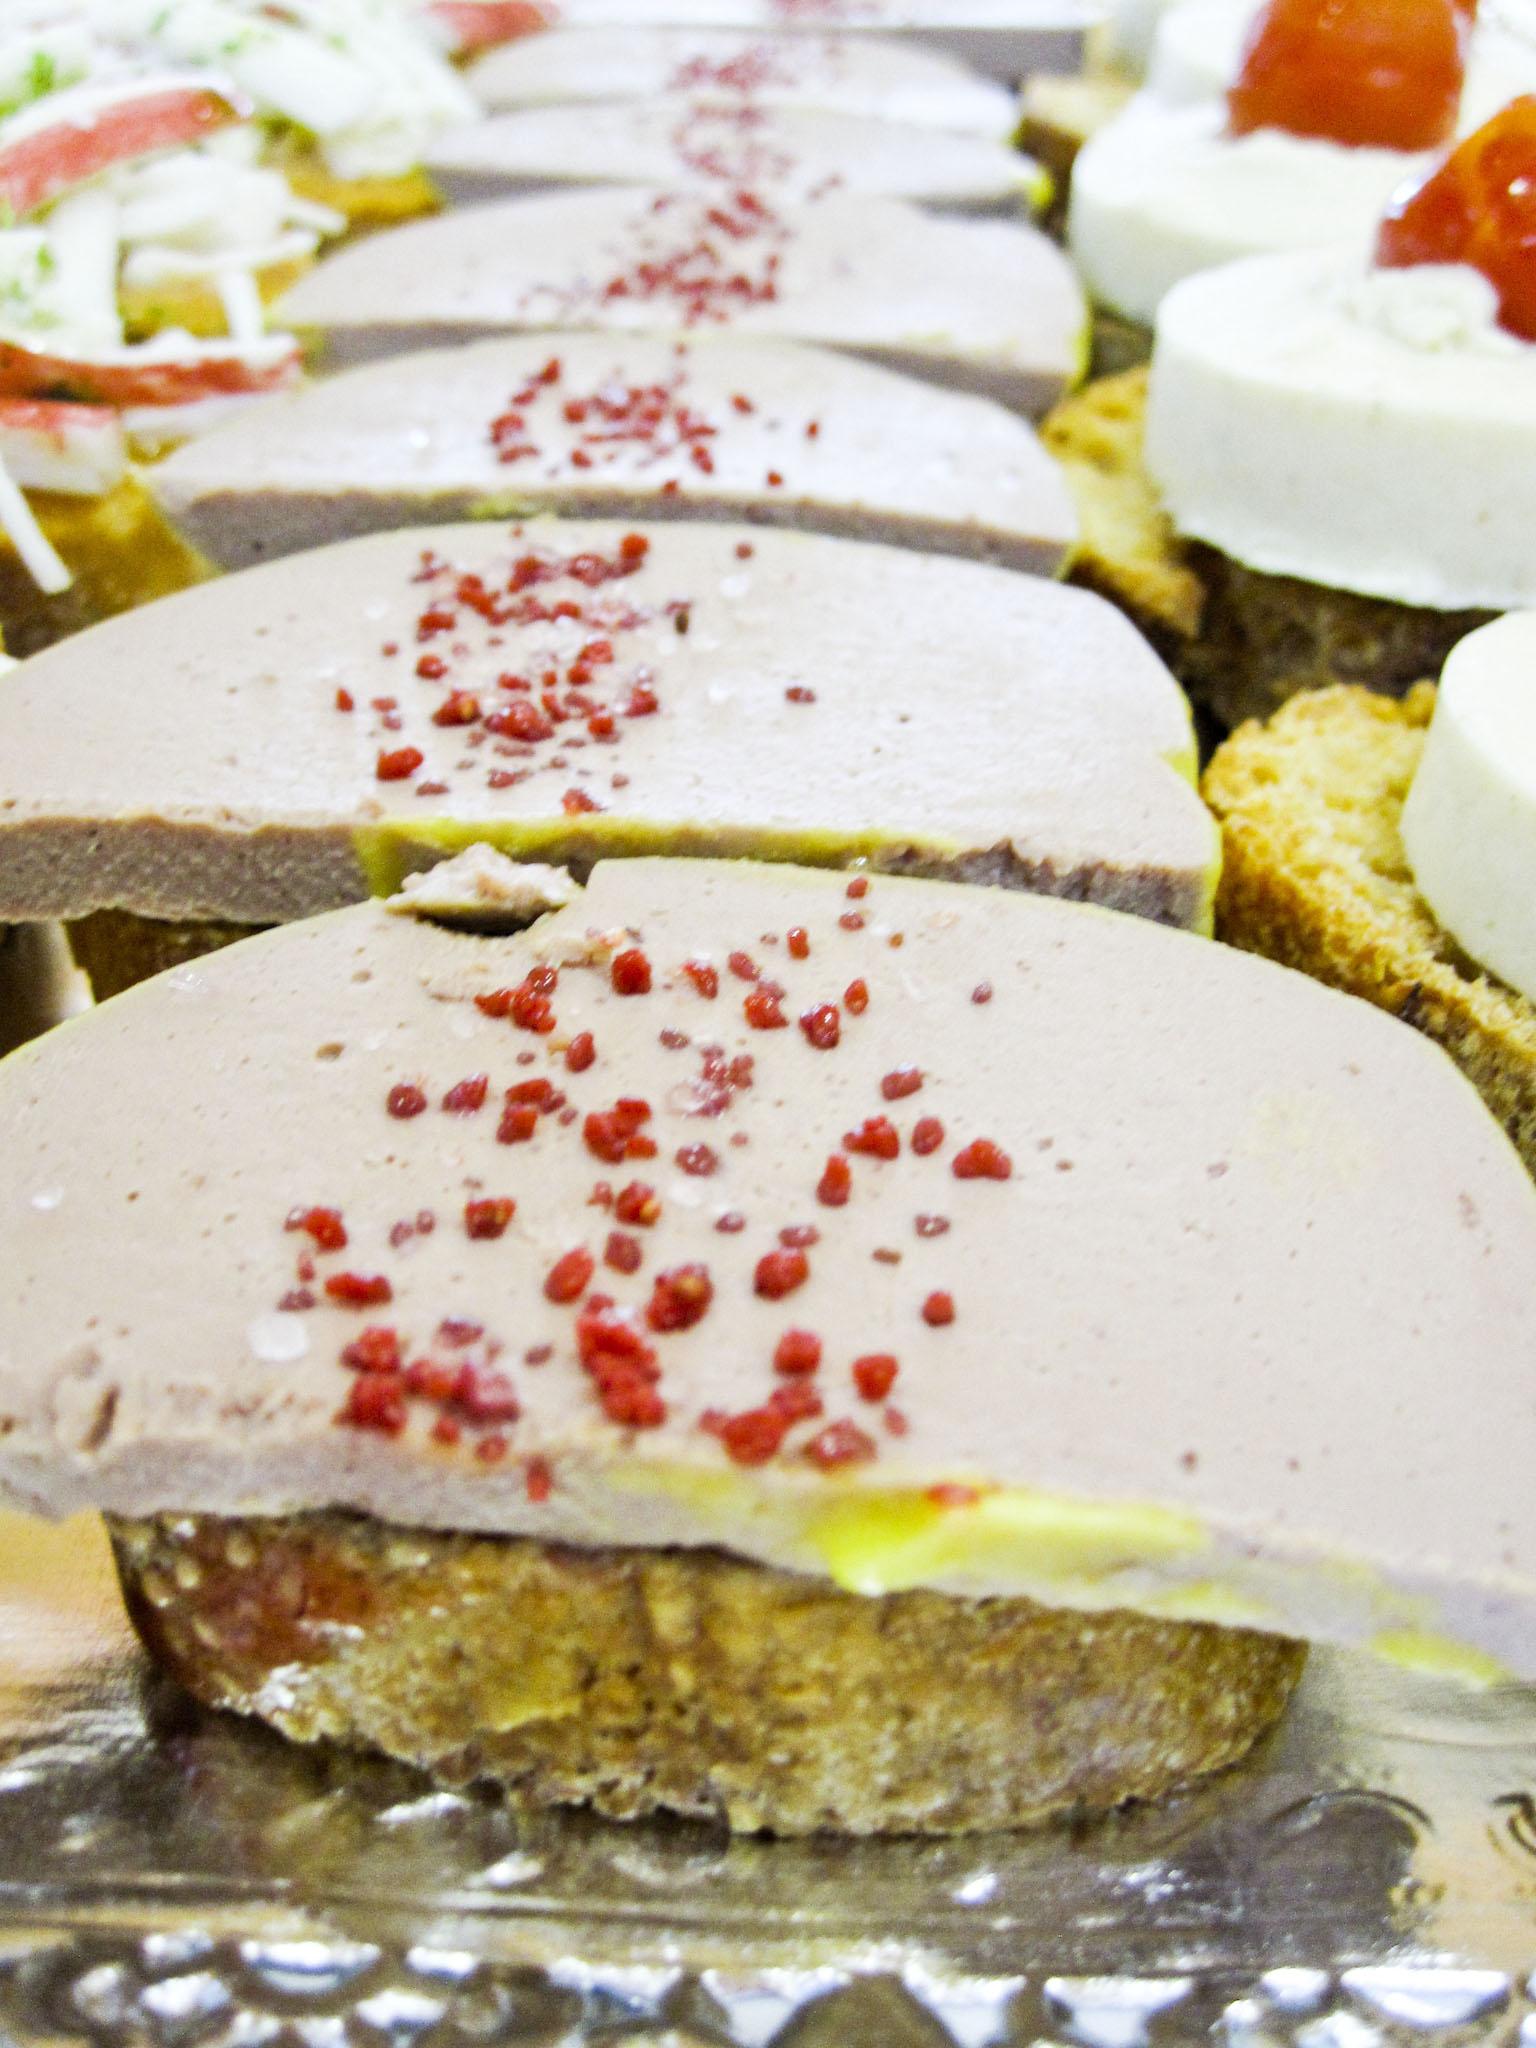 Muntadet de patè de foie amb sal